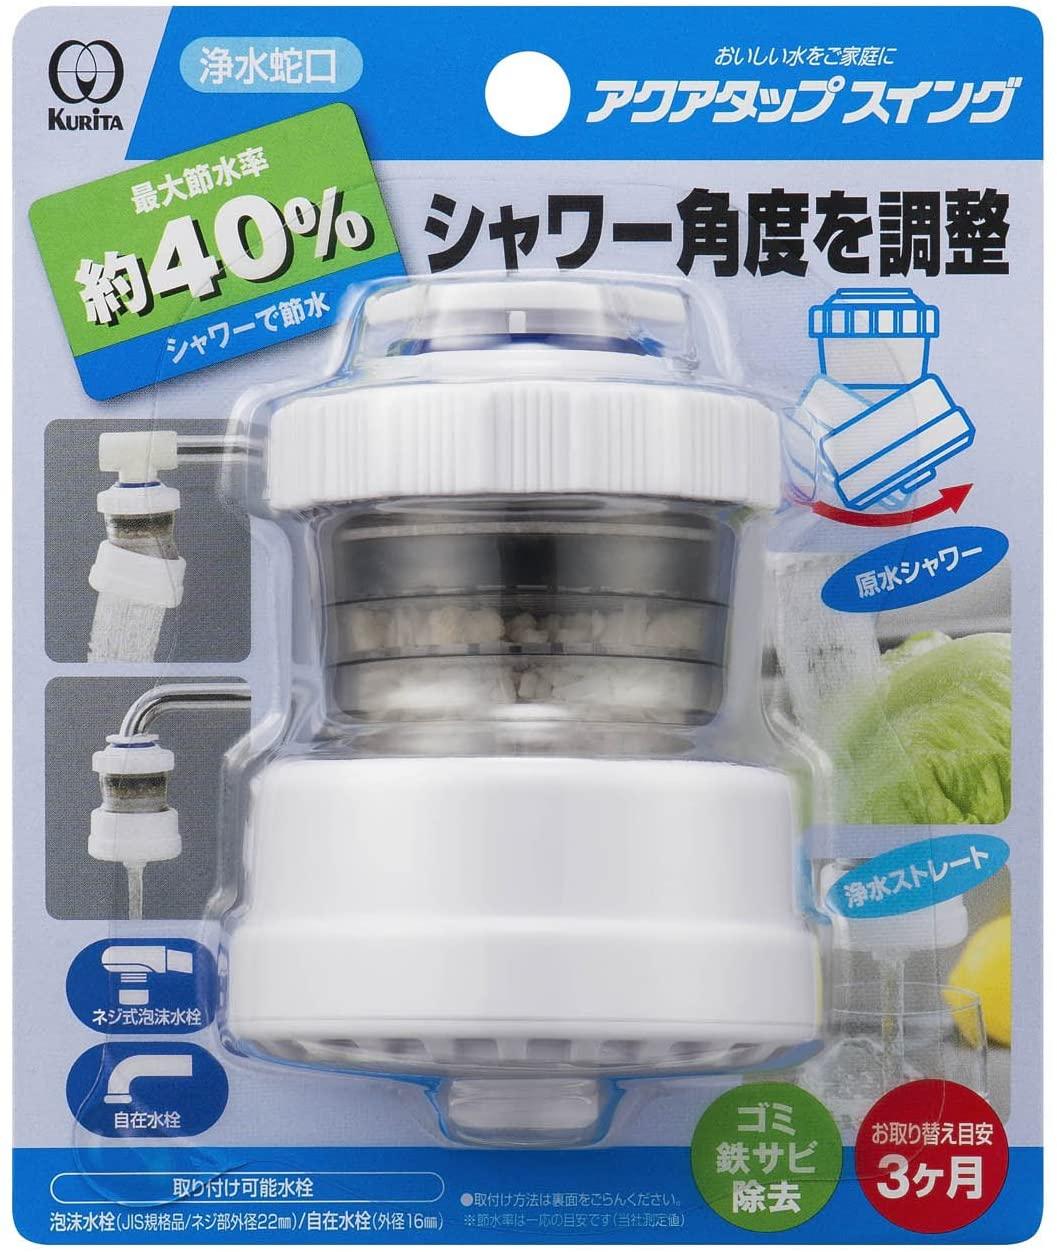 蛇口用シャワーヘッド人気おすすめランキング15選【浄水器や伸びるタイプも】